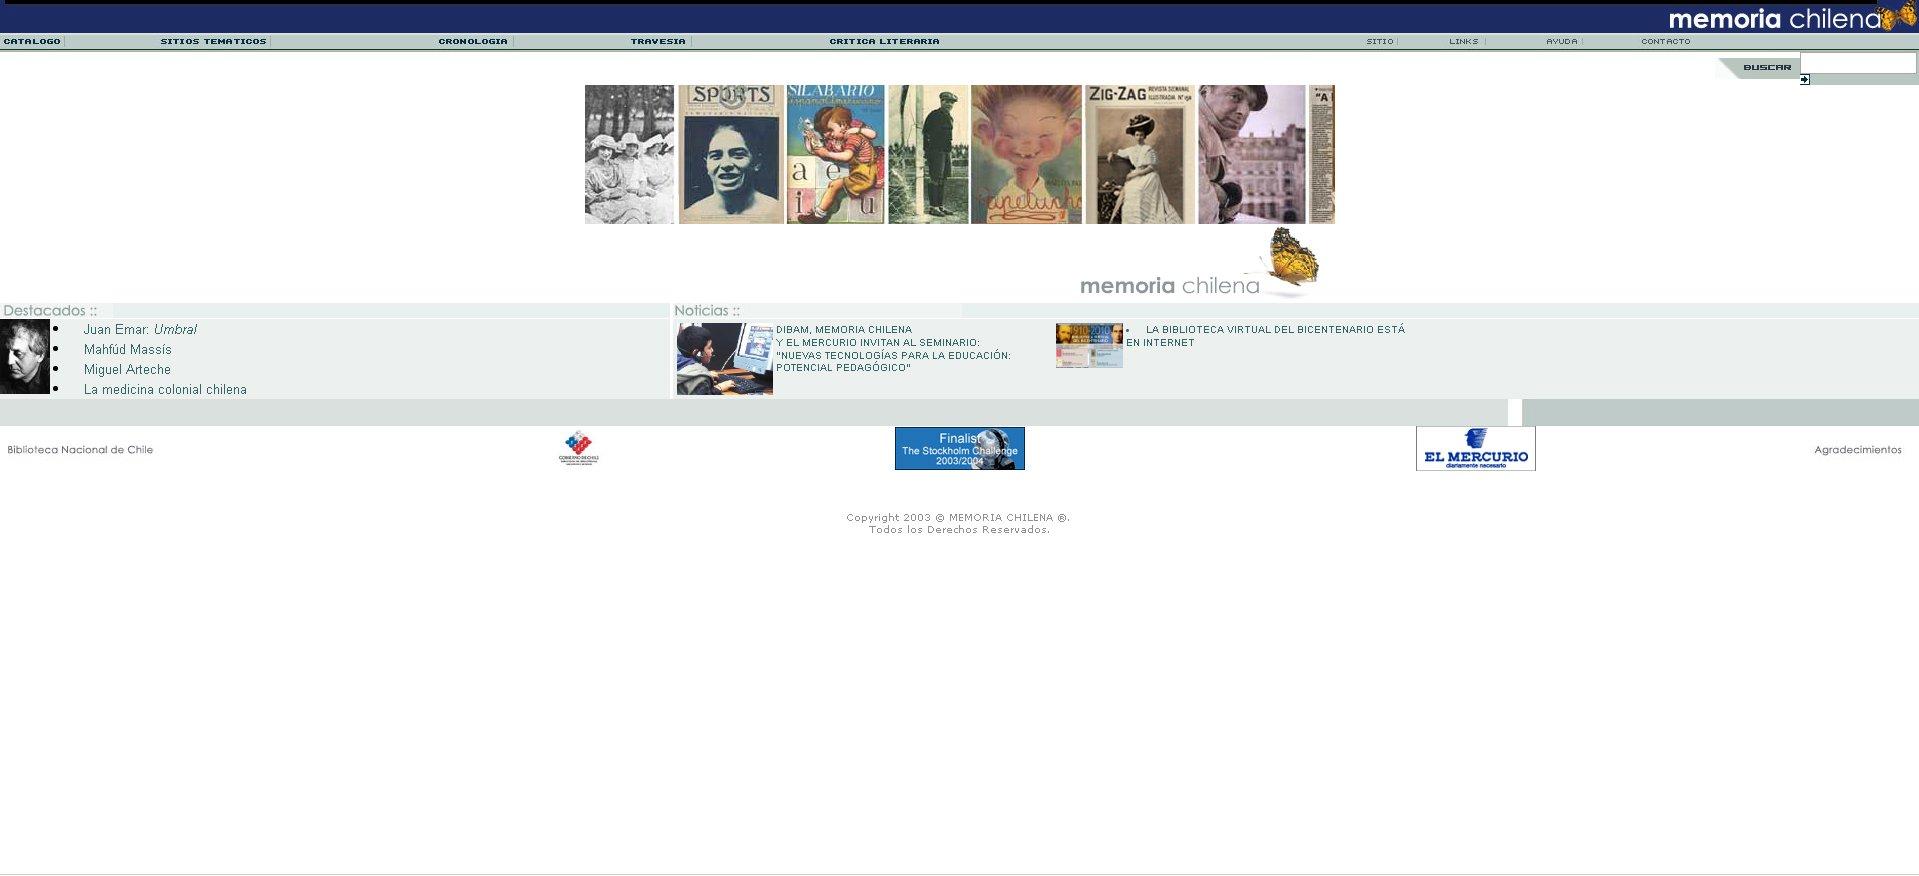 Memoria Chilena, tal como fue lanzado el 3 de octubre de 2003.